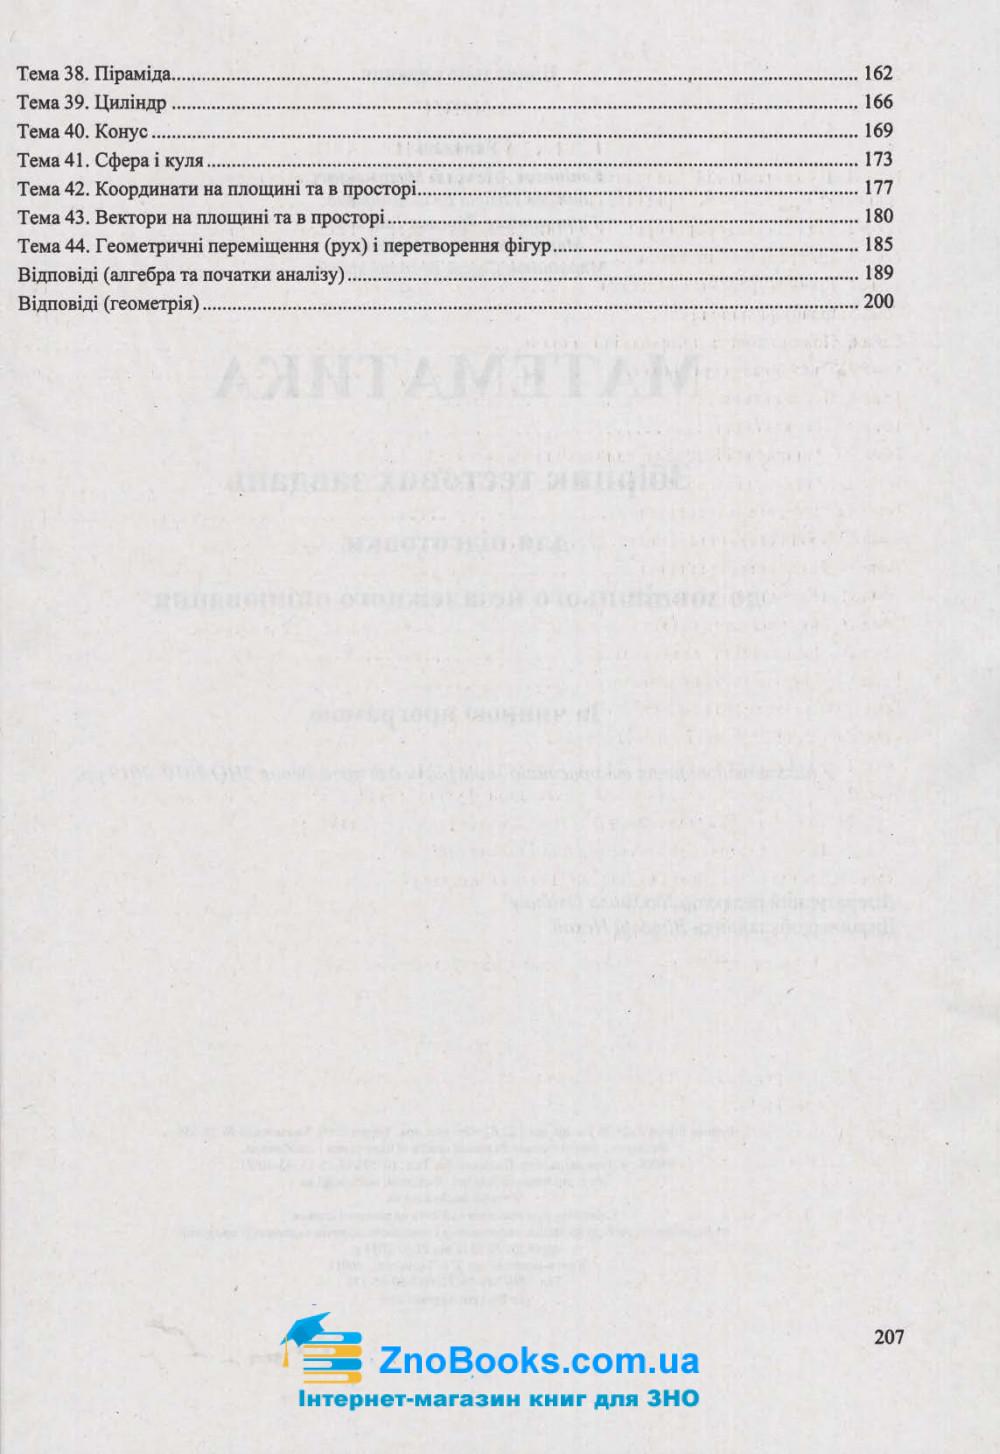 ЗНО 2021 Математика. Збірник тестів : Капіносов А. Підручники і посібники. купити  10